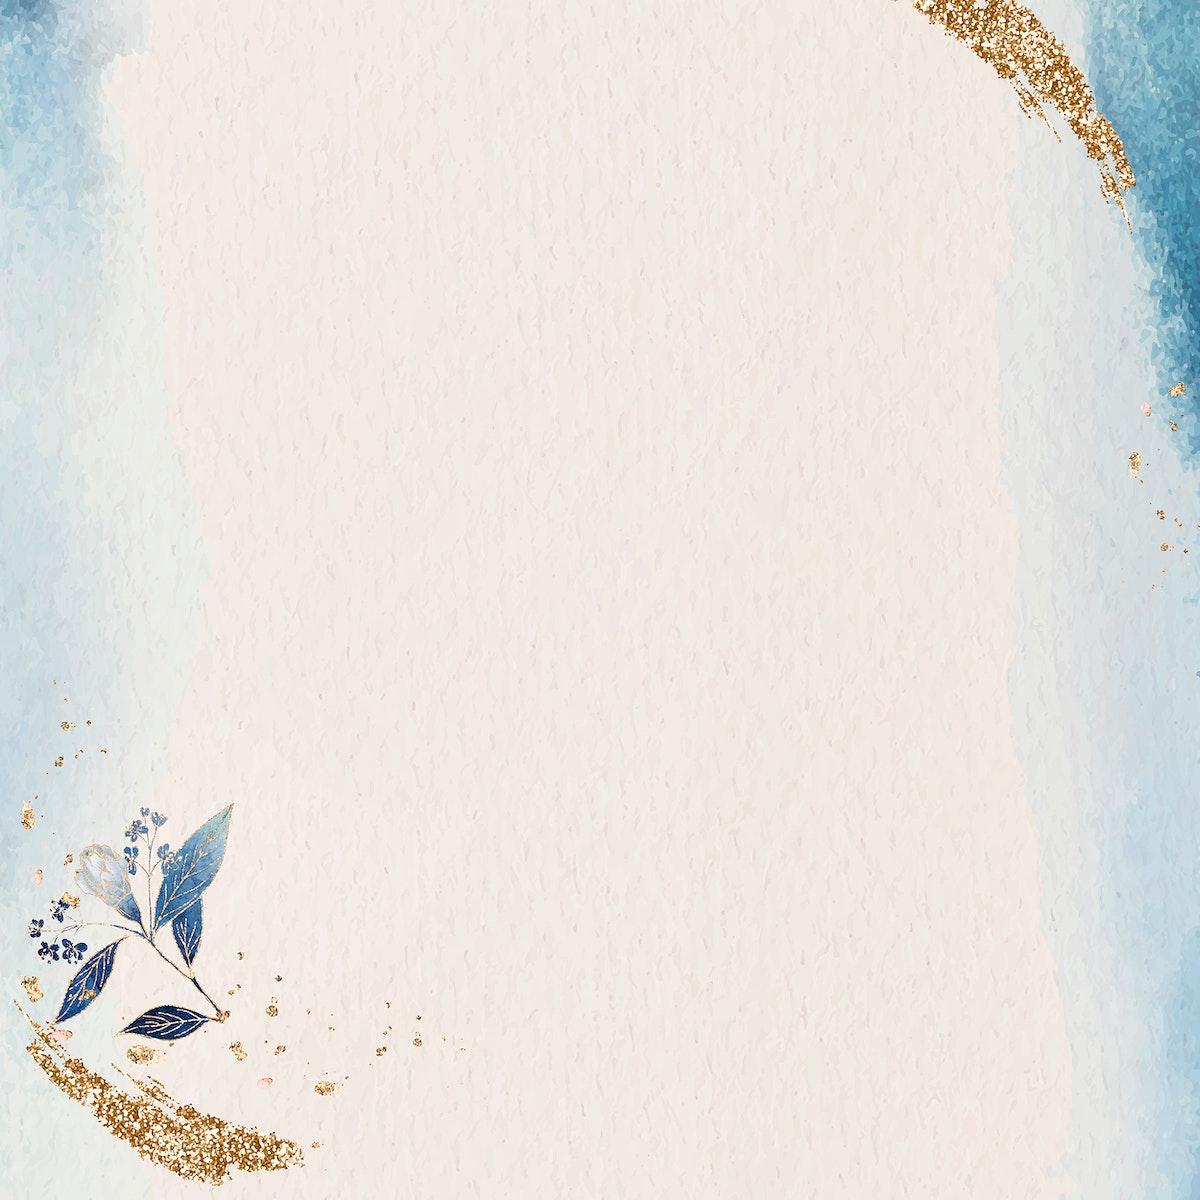 Golden glitter blue frame vector